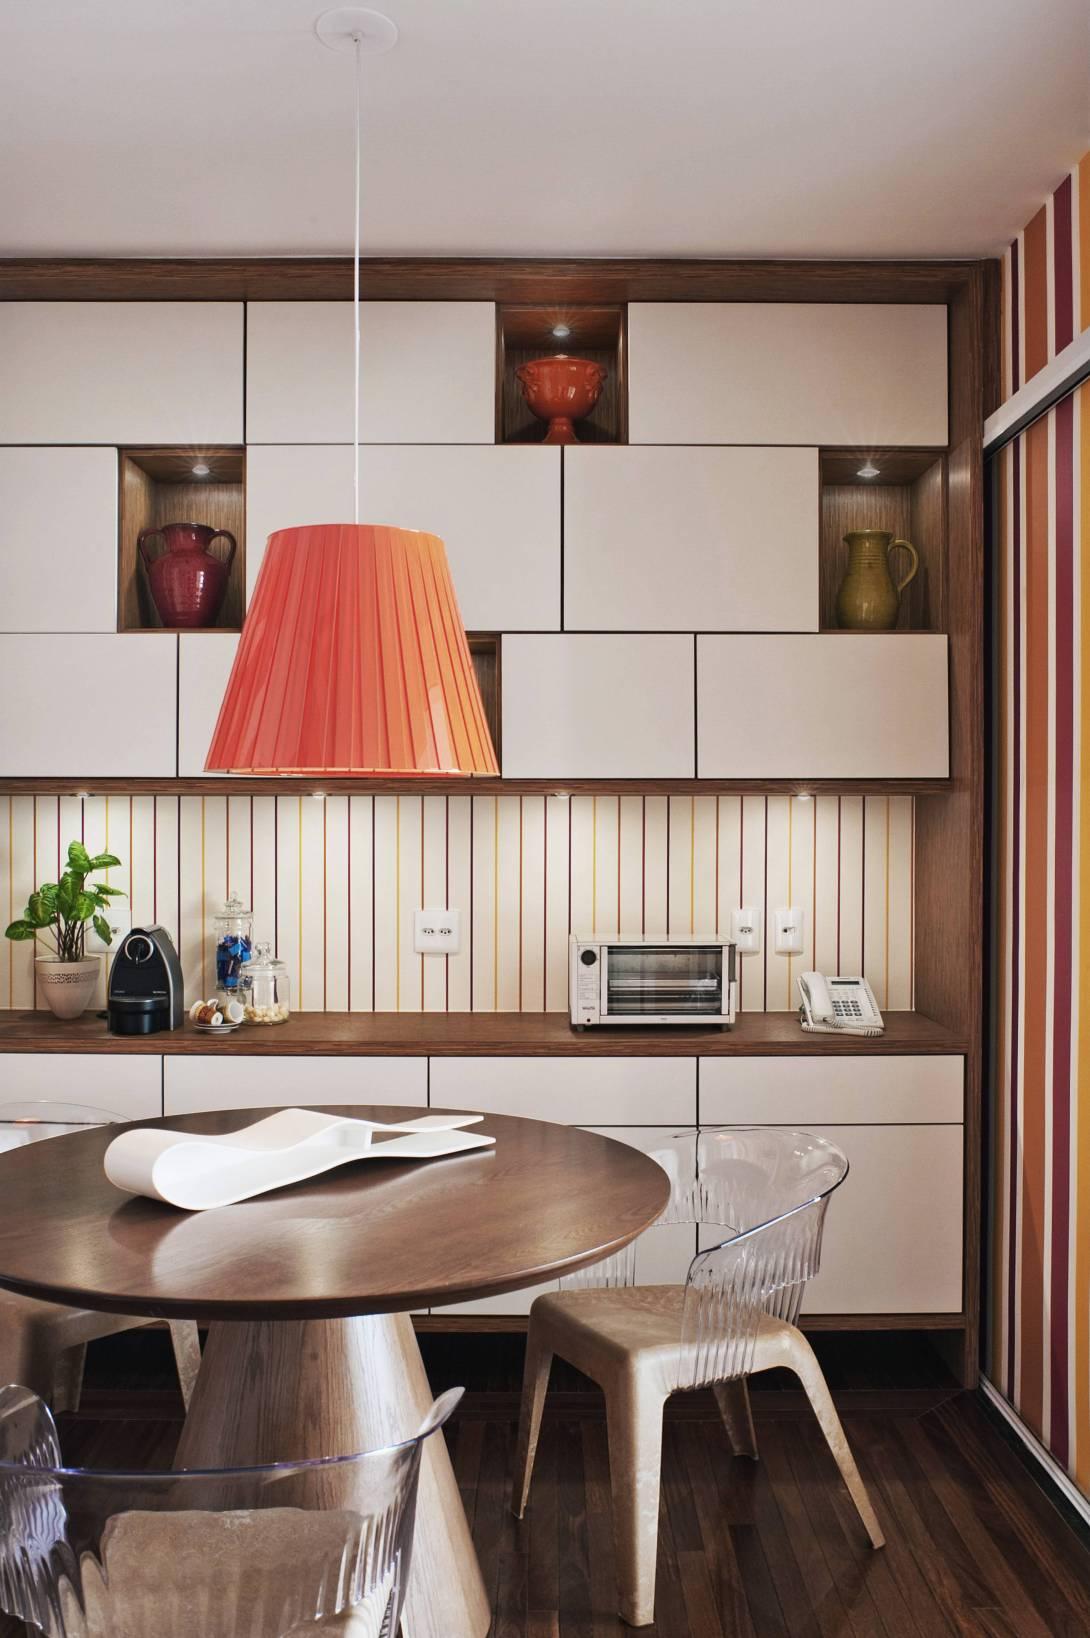 cozinha-com-toques-de-cor-vibrante-na-decoracao.jpg